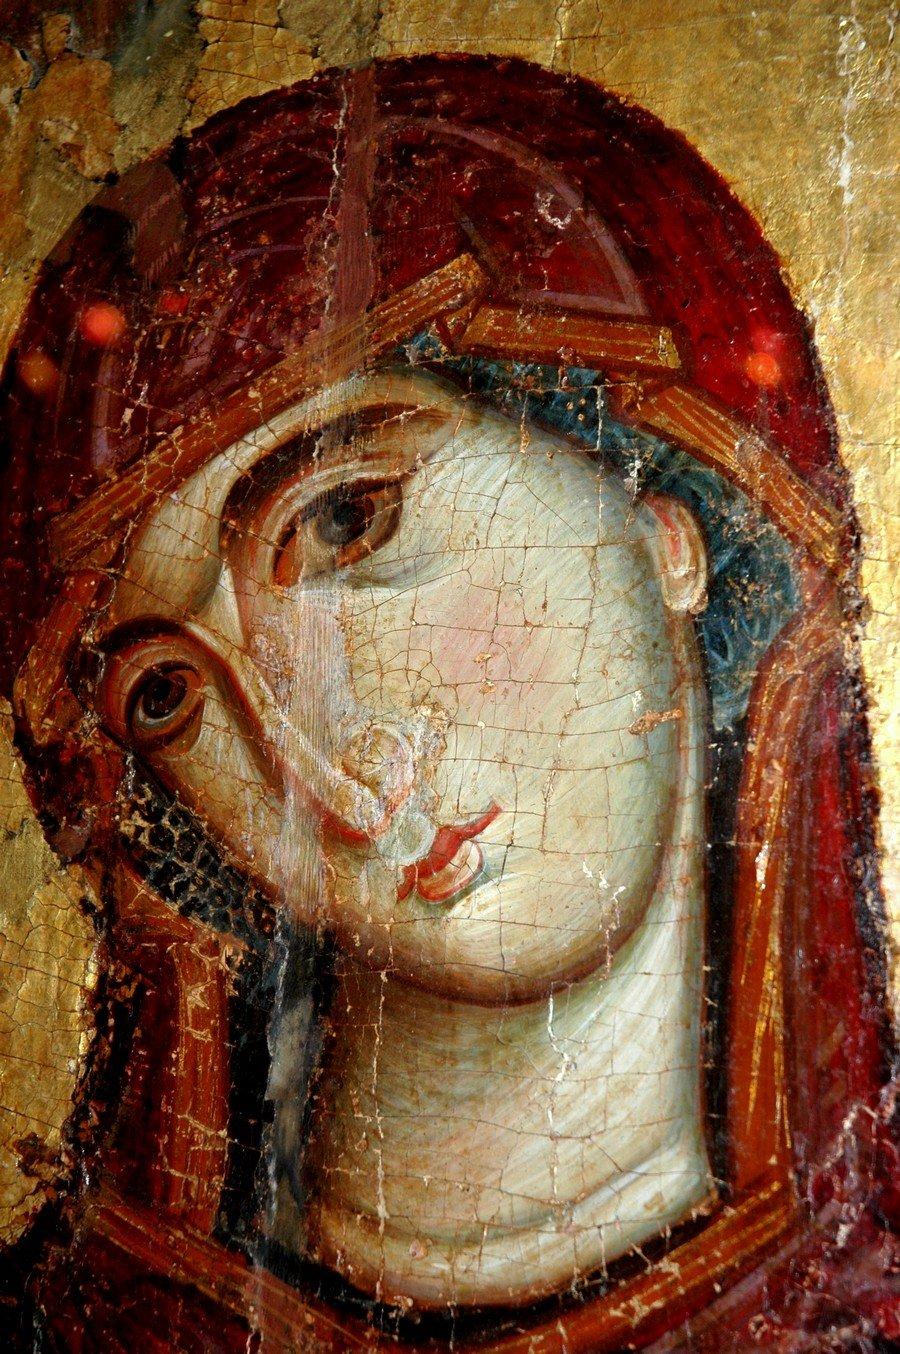 Лик Пресвятой Богородицы. Фрагмент византийской иконы XIII века. Монастырь Святой Екатерины на Синае.